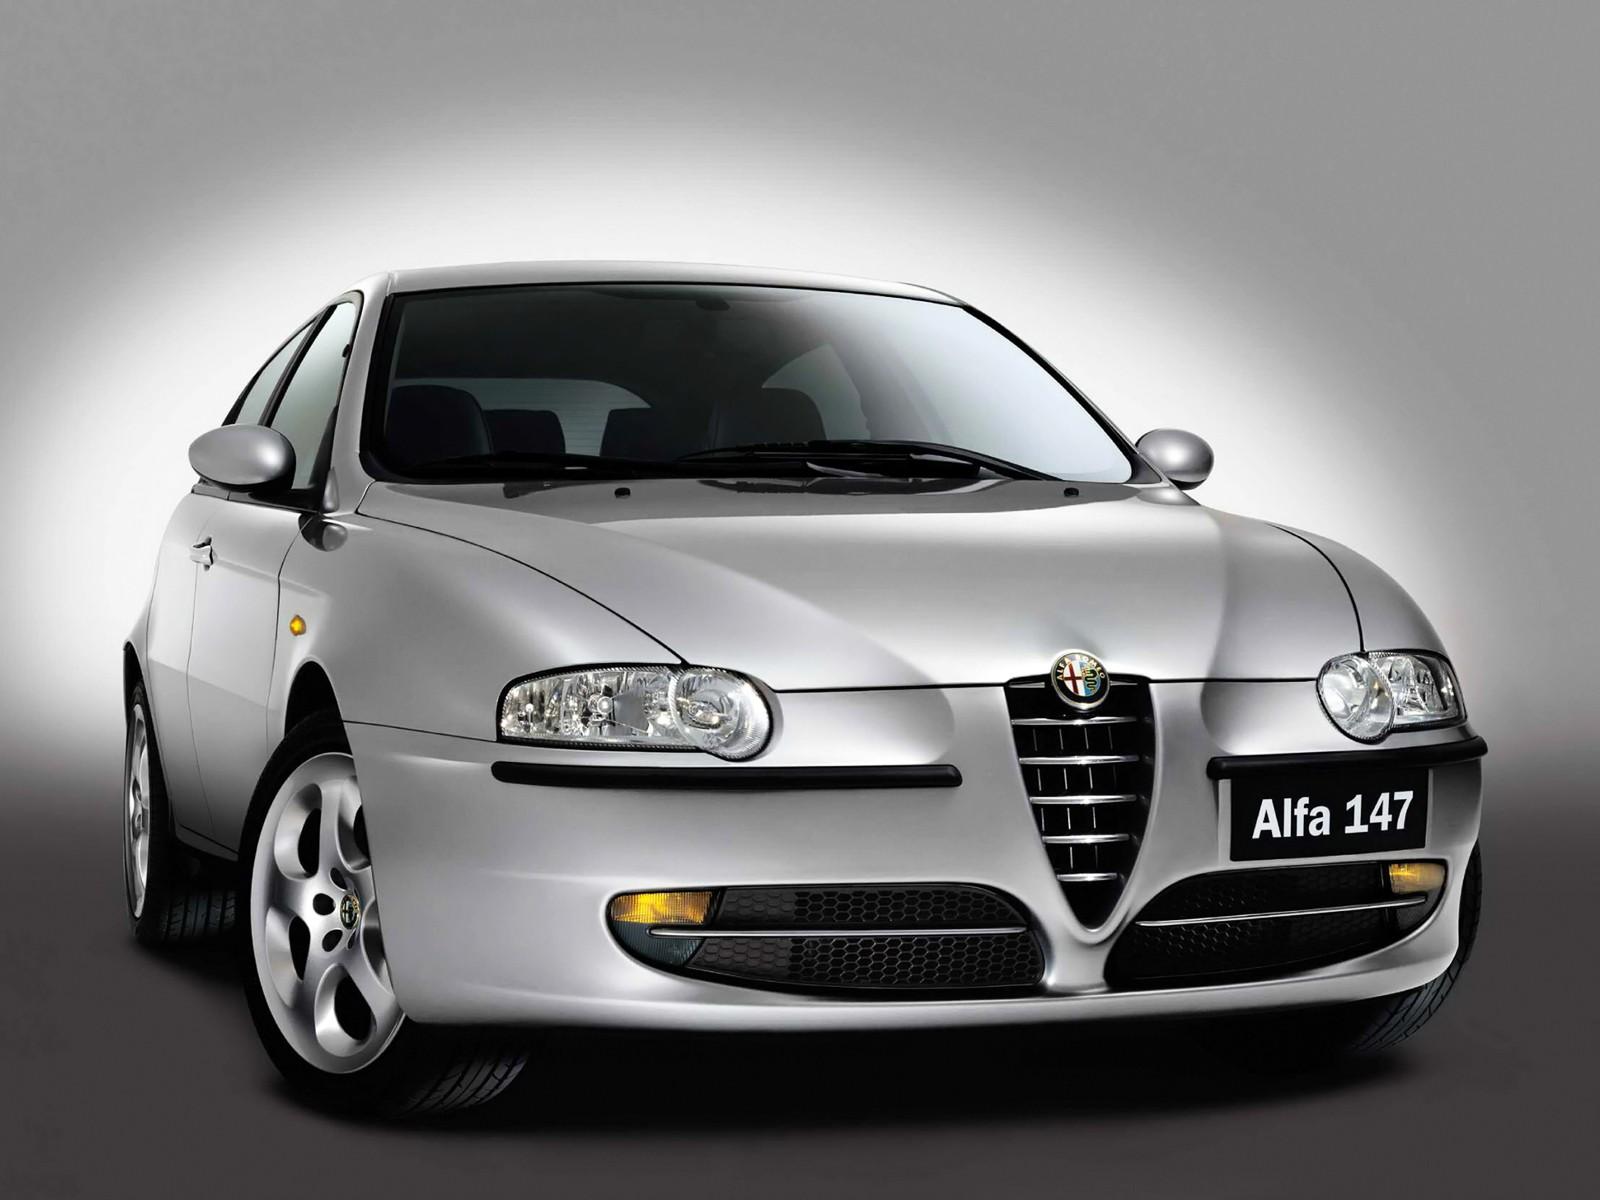 alfa romeo 147 5 doors specs 2000 2001 2002 2003. Black Bedroom Furniture Sets. Home Design Ideas